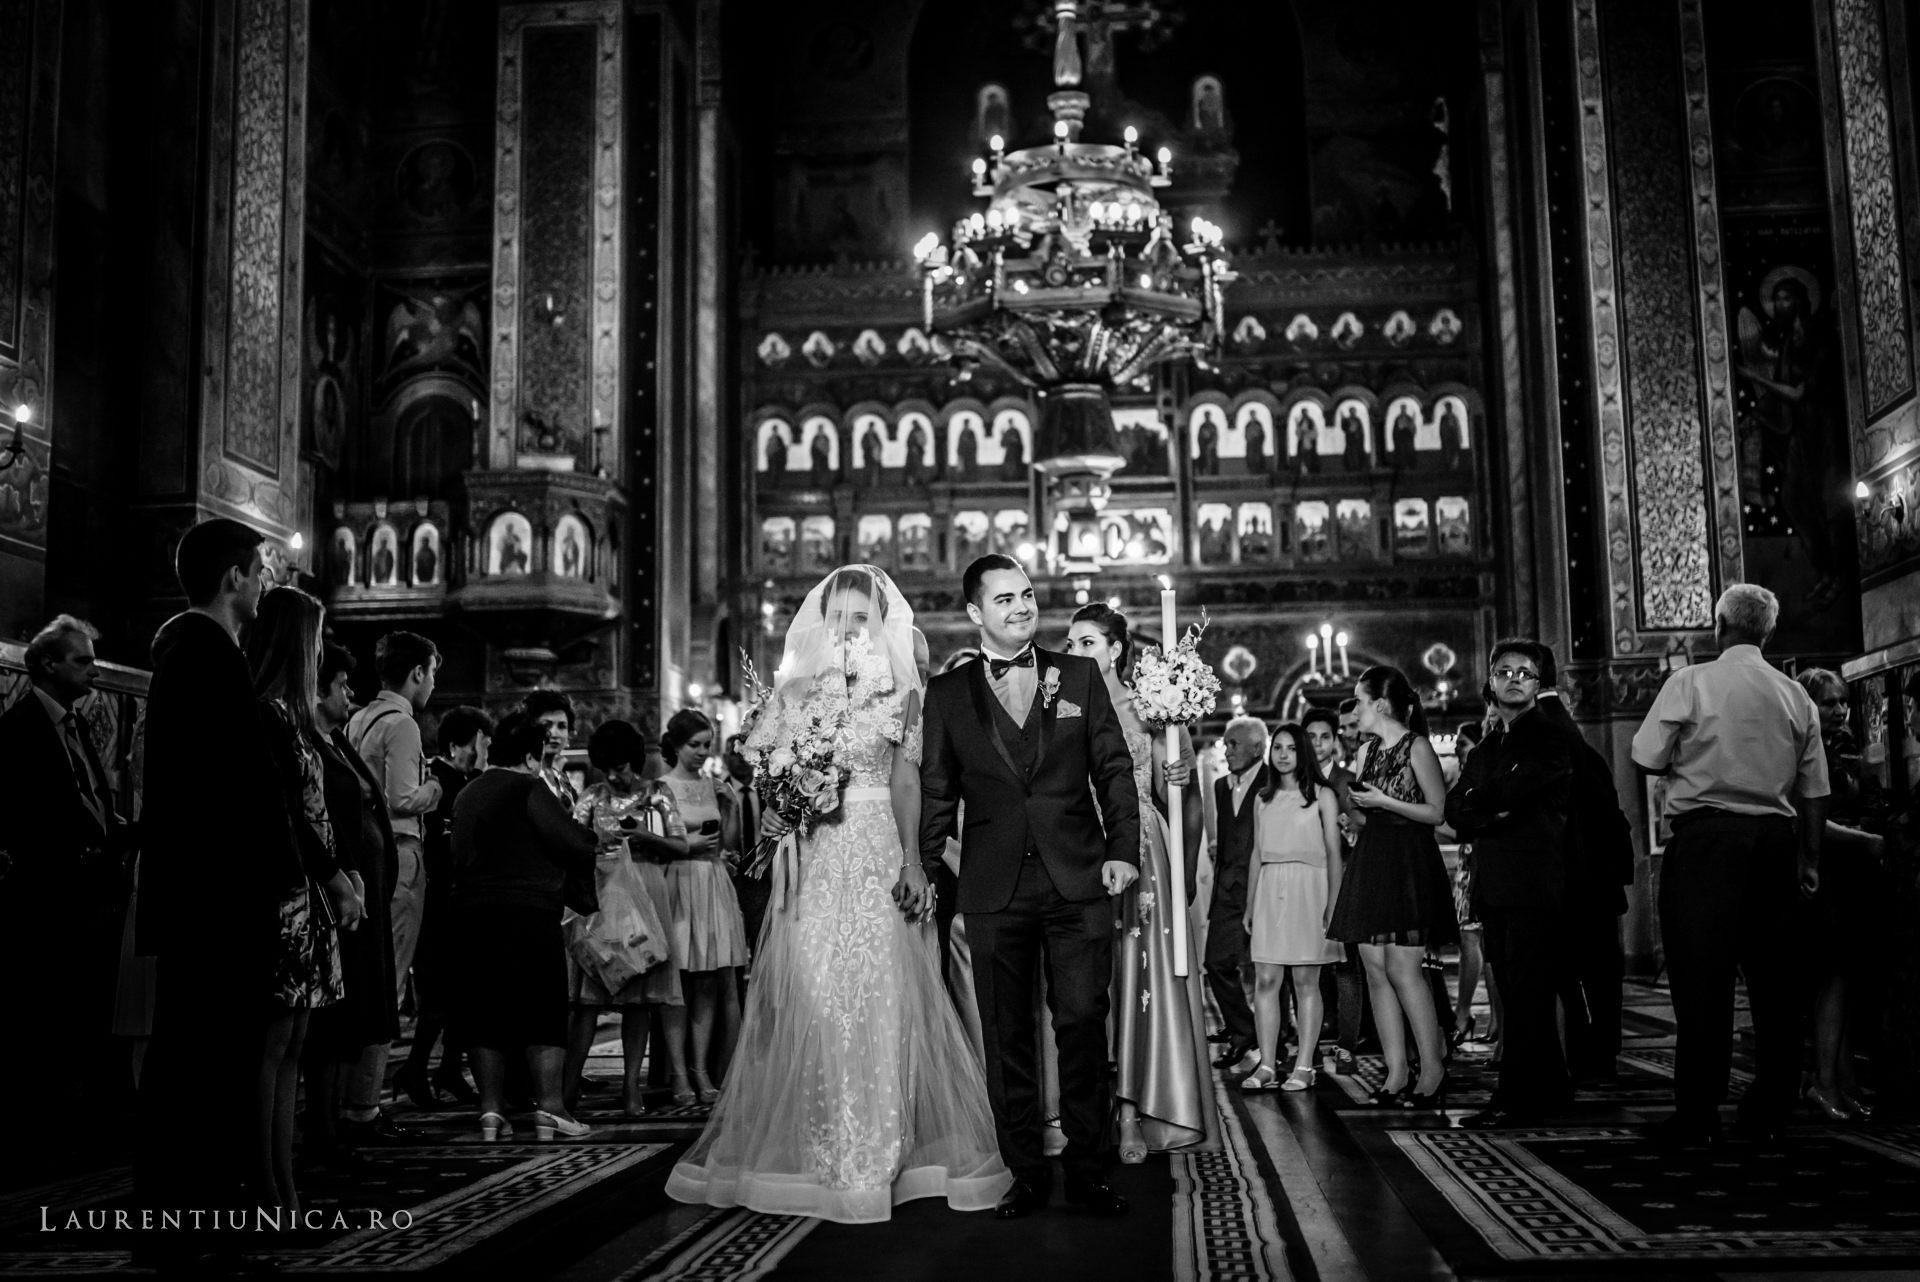 denisa si catalin fotograf nunta laurentiu nica craiova 51 - Denisa si Catalin | Fotografii nunta | Craiova